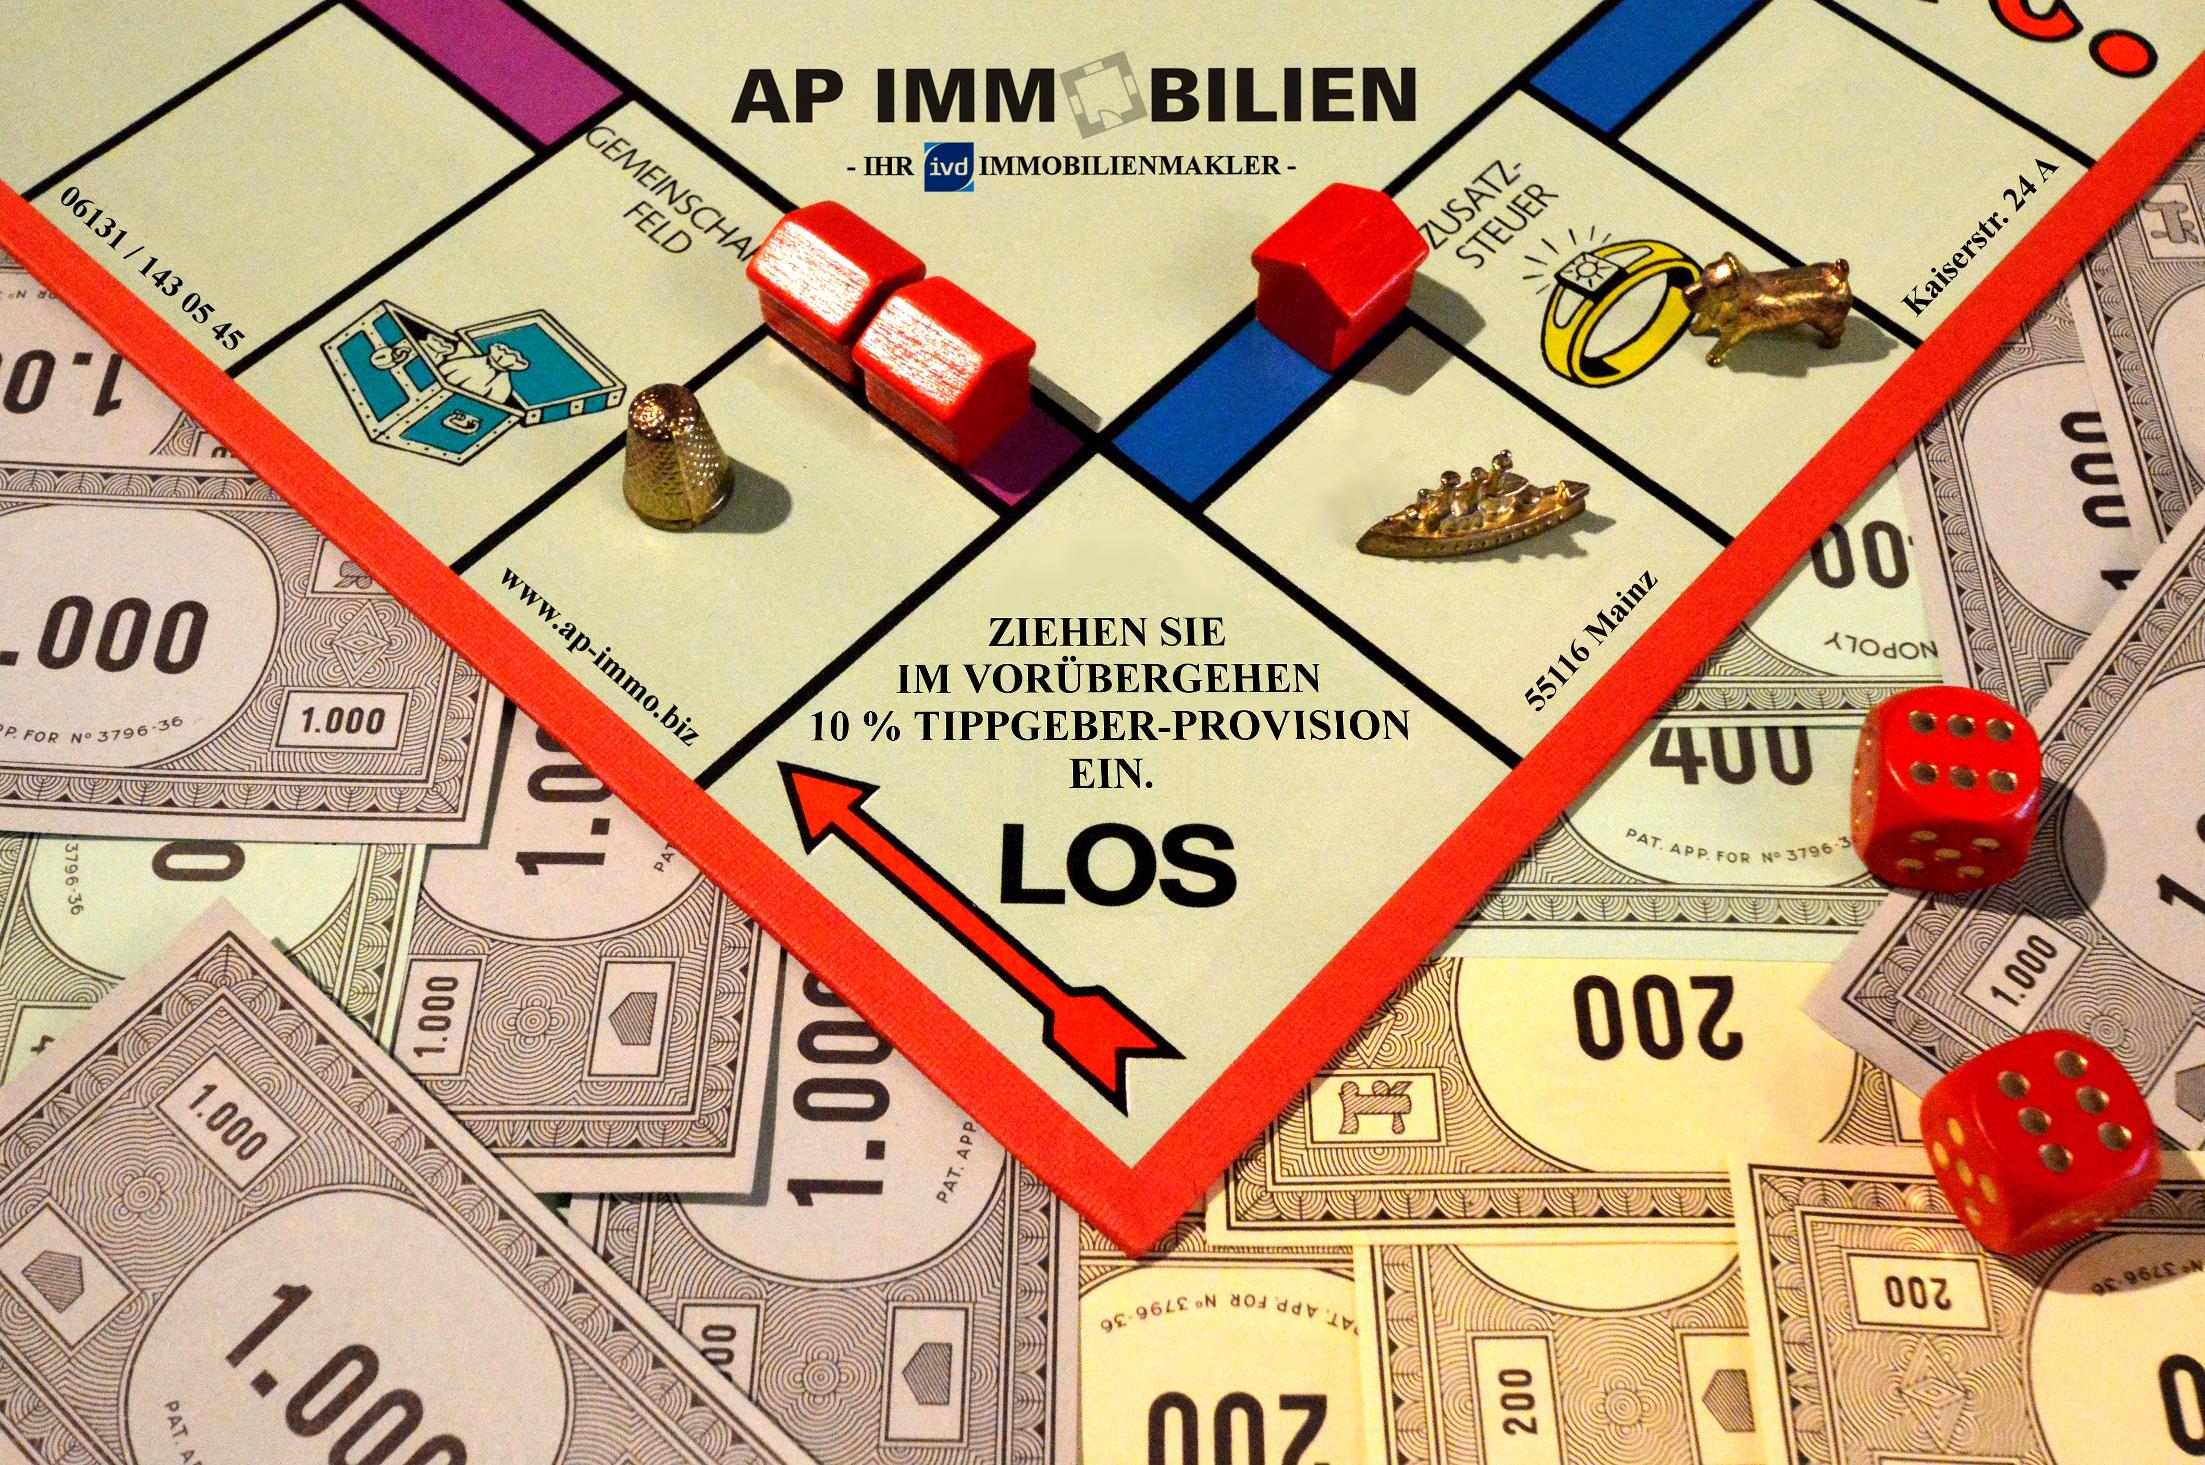 AP Immobilien GmbH - Ihr IVD Immobilienmakler aus Mainz - Tippgeberprovision